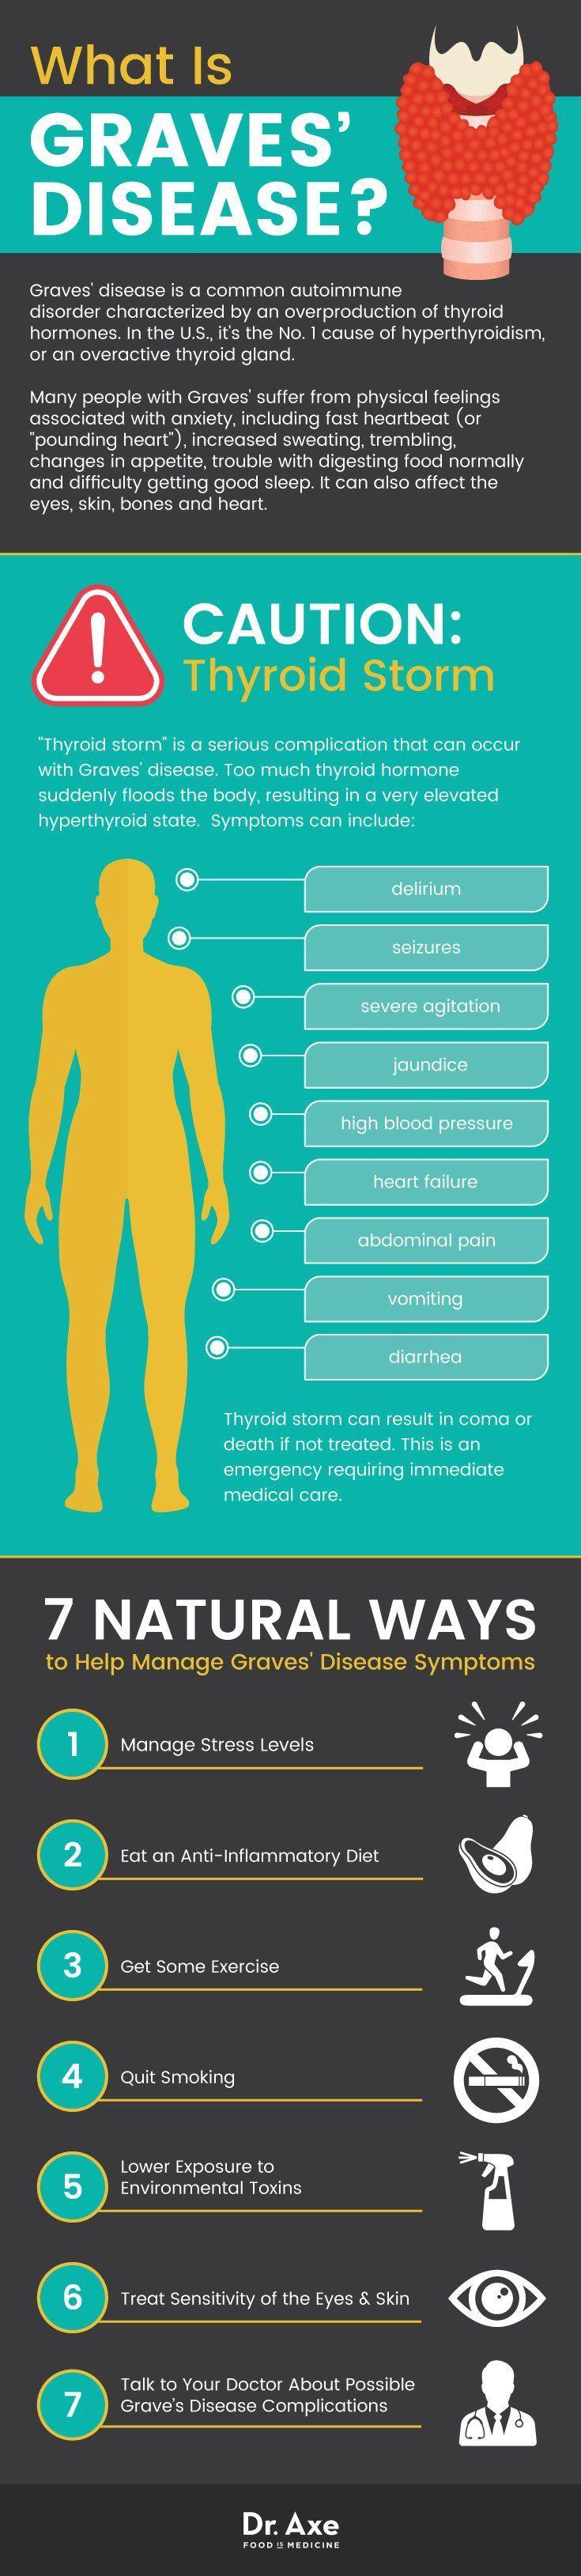 What is Graves' disease? - Dr. Axe #Symptomsofanunderactivethyroid